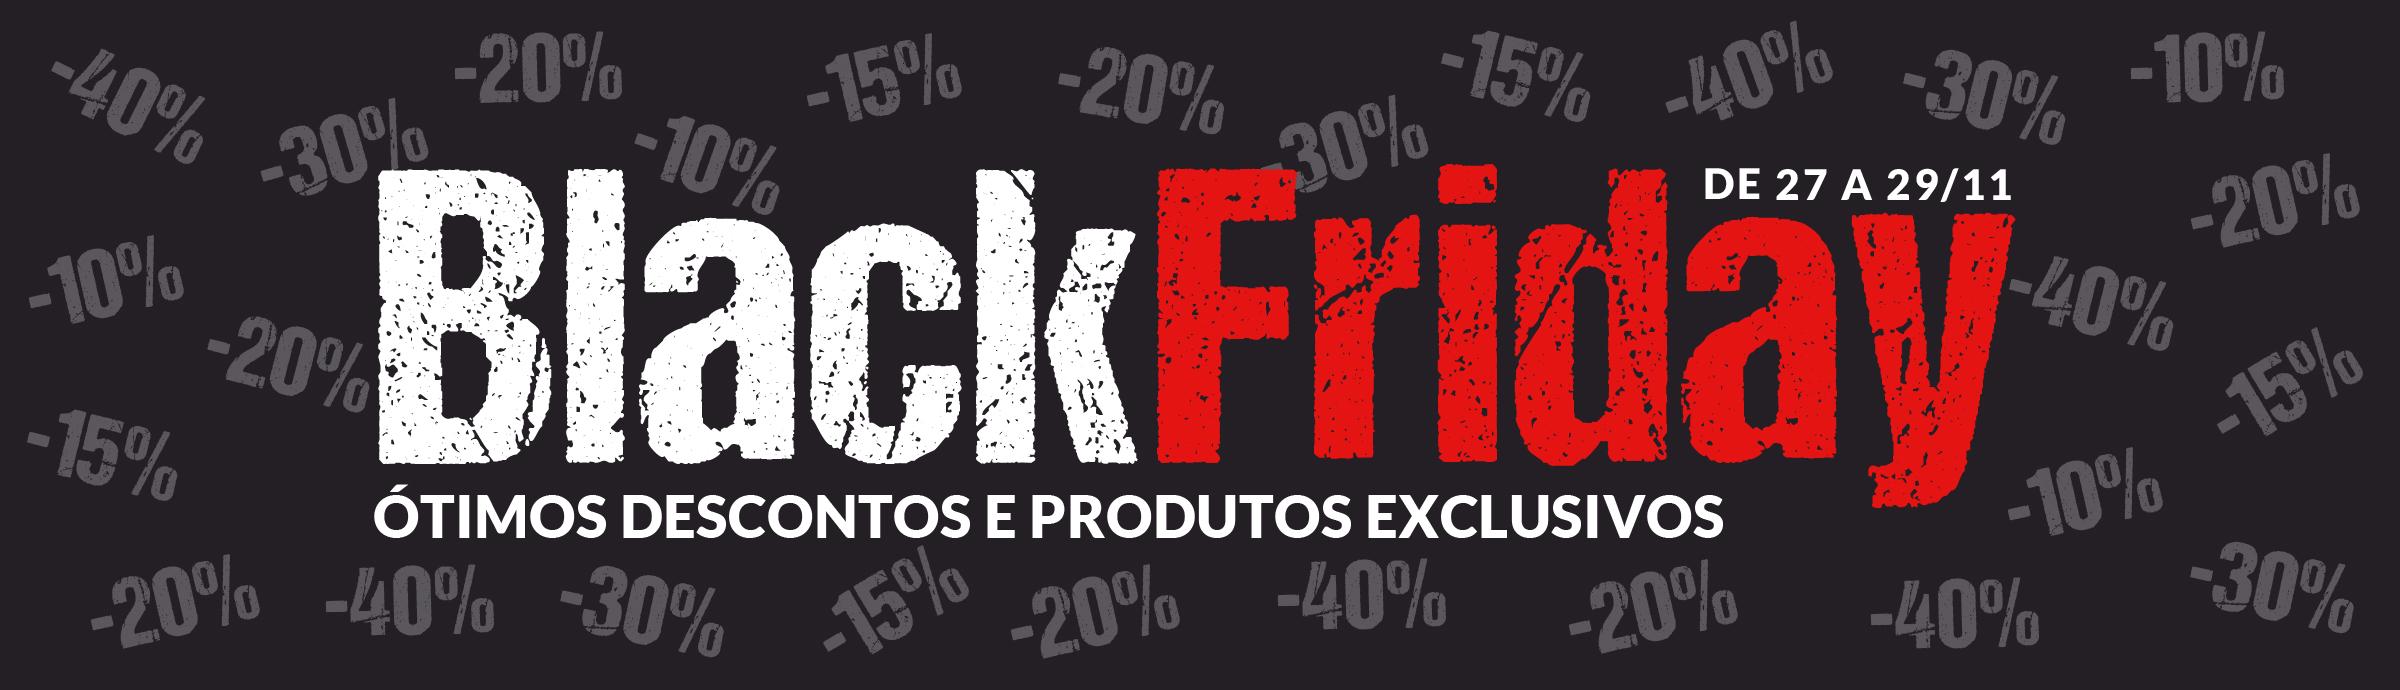 Black Friday Porquinha Peppa 2020